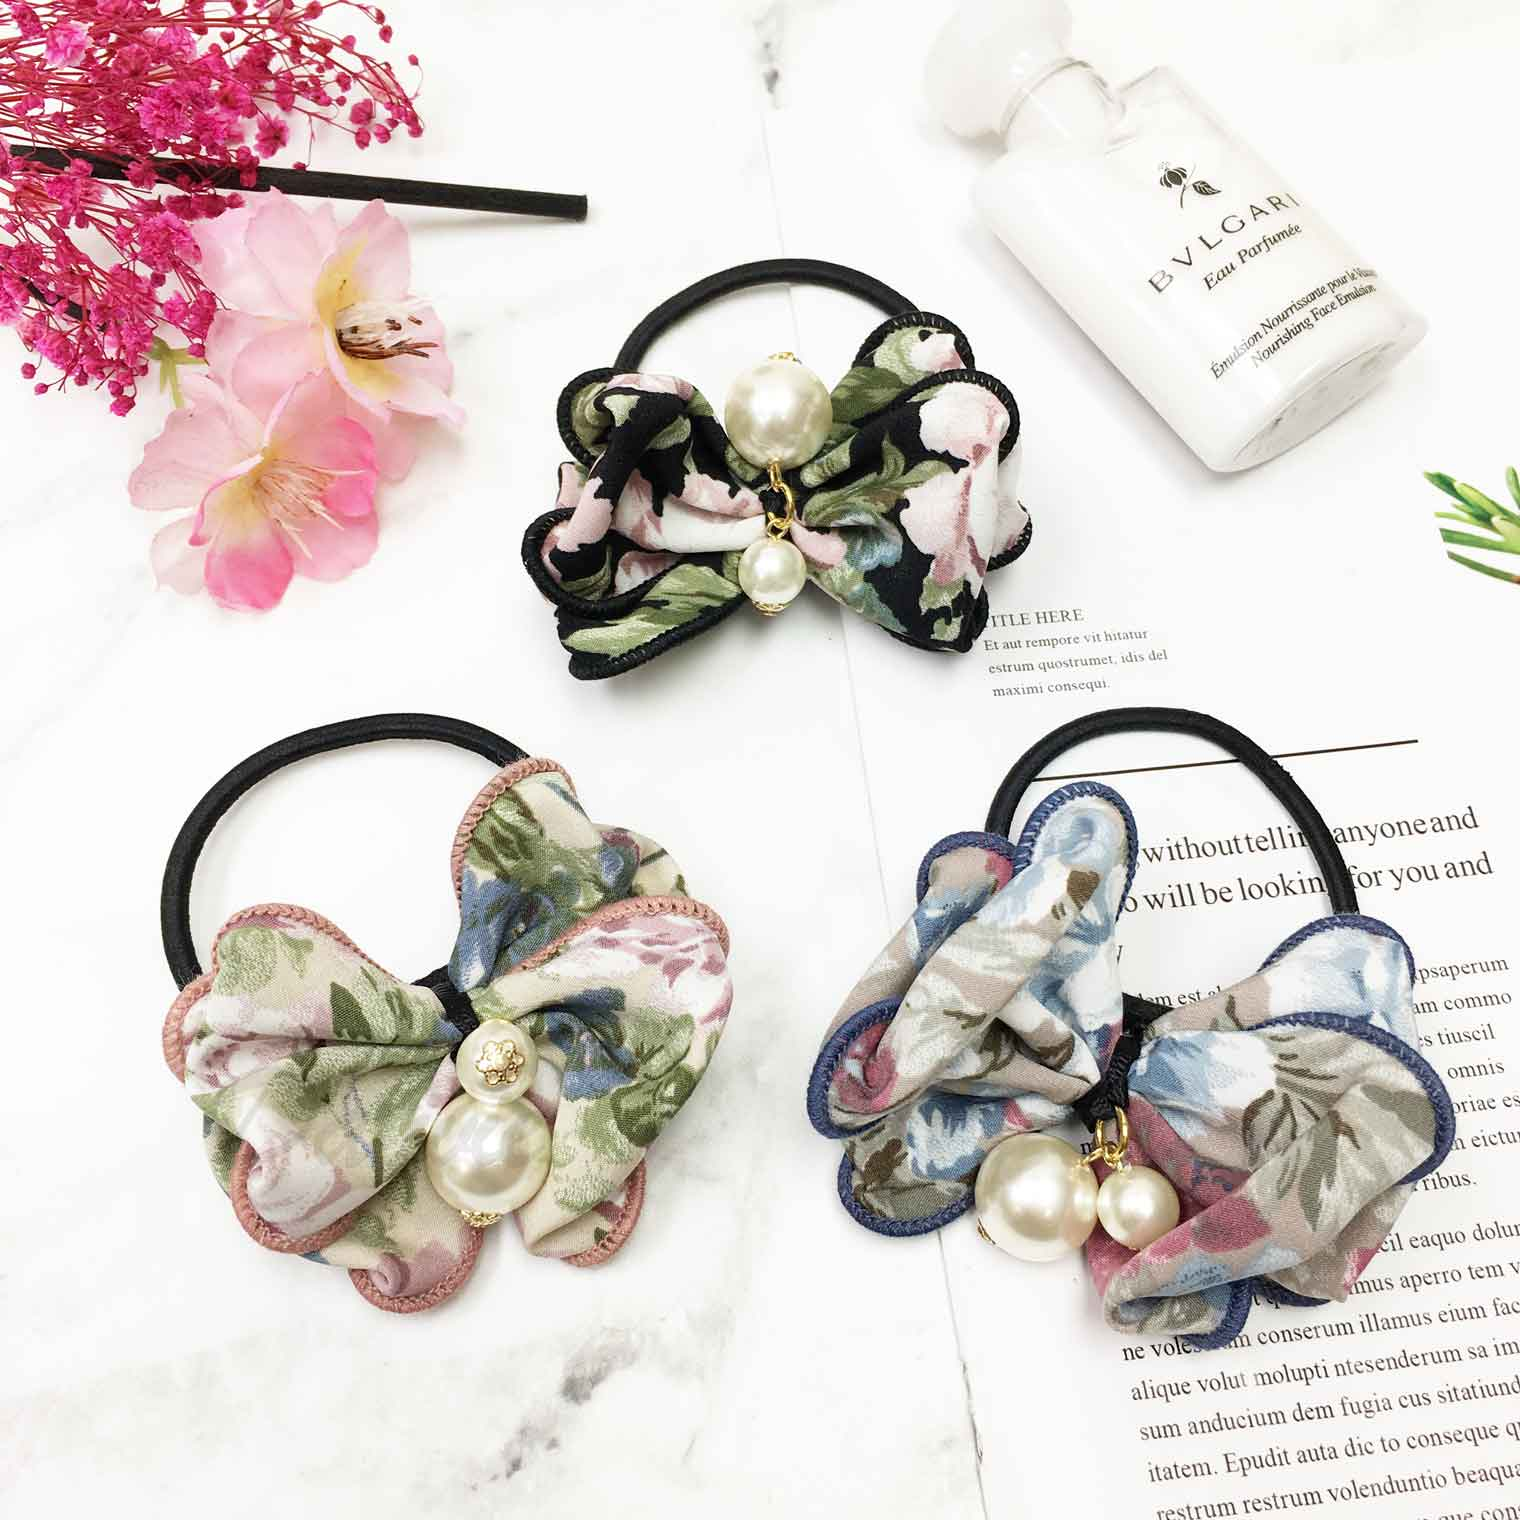 繽紛花朵 透明蕾絲 質感 氣質 珍珠 垂墜 層次蝴蝶結造型髮束